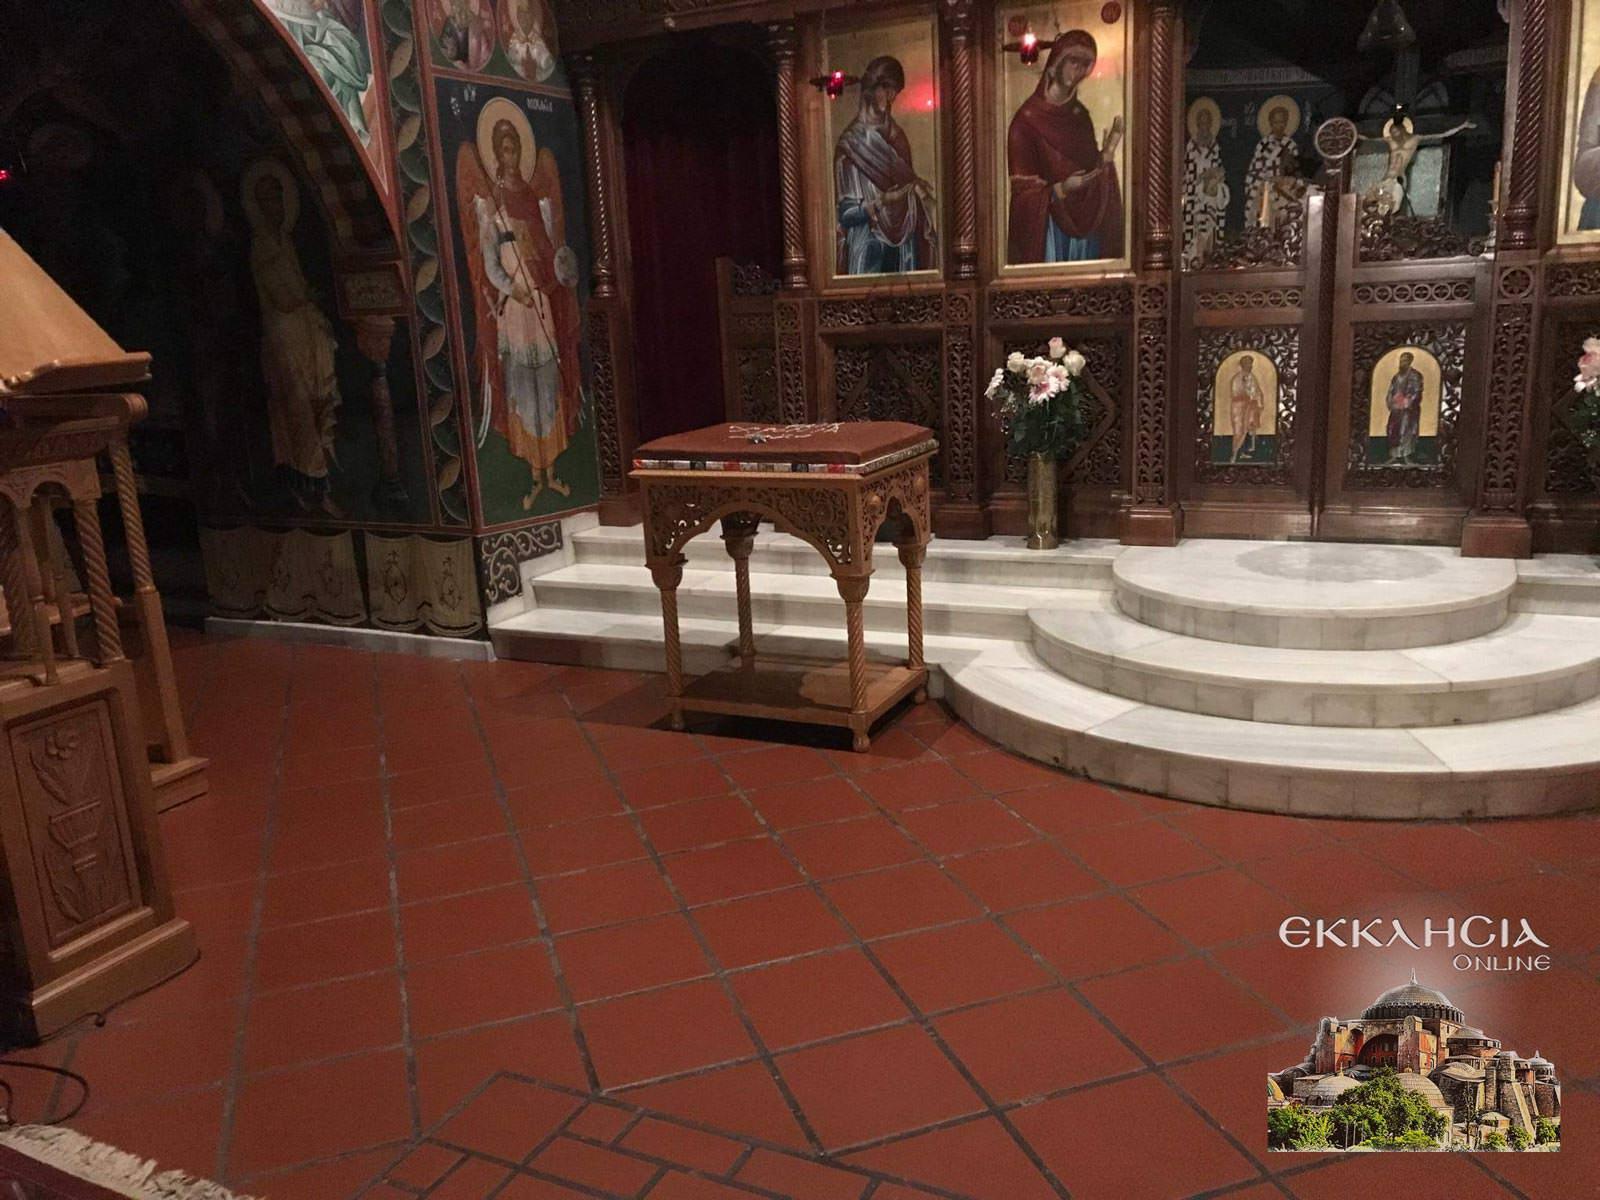 Ιερός Ναός Αγίας Άννας Κηφισιά εορτή Αγίου Βασιλείου 2019